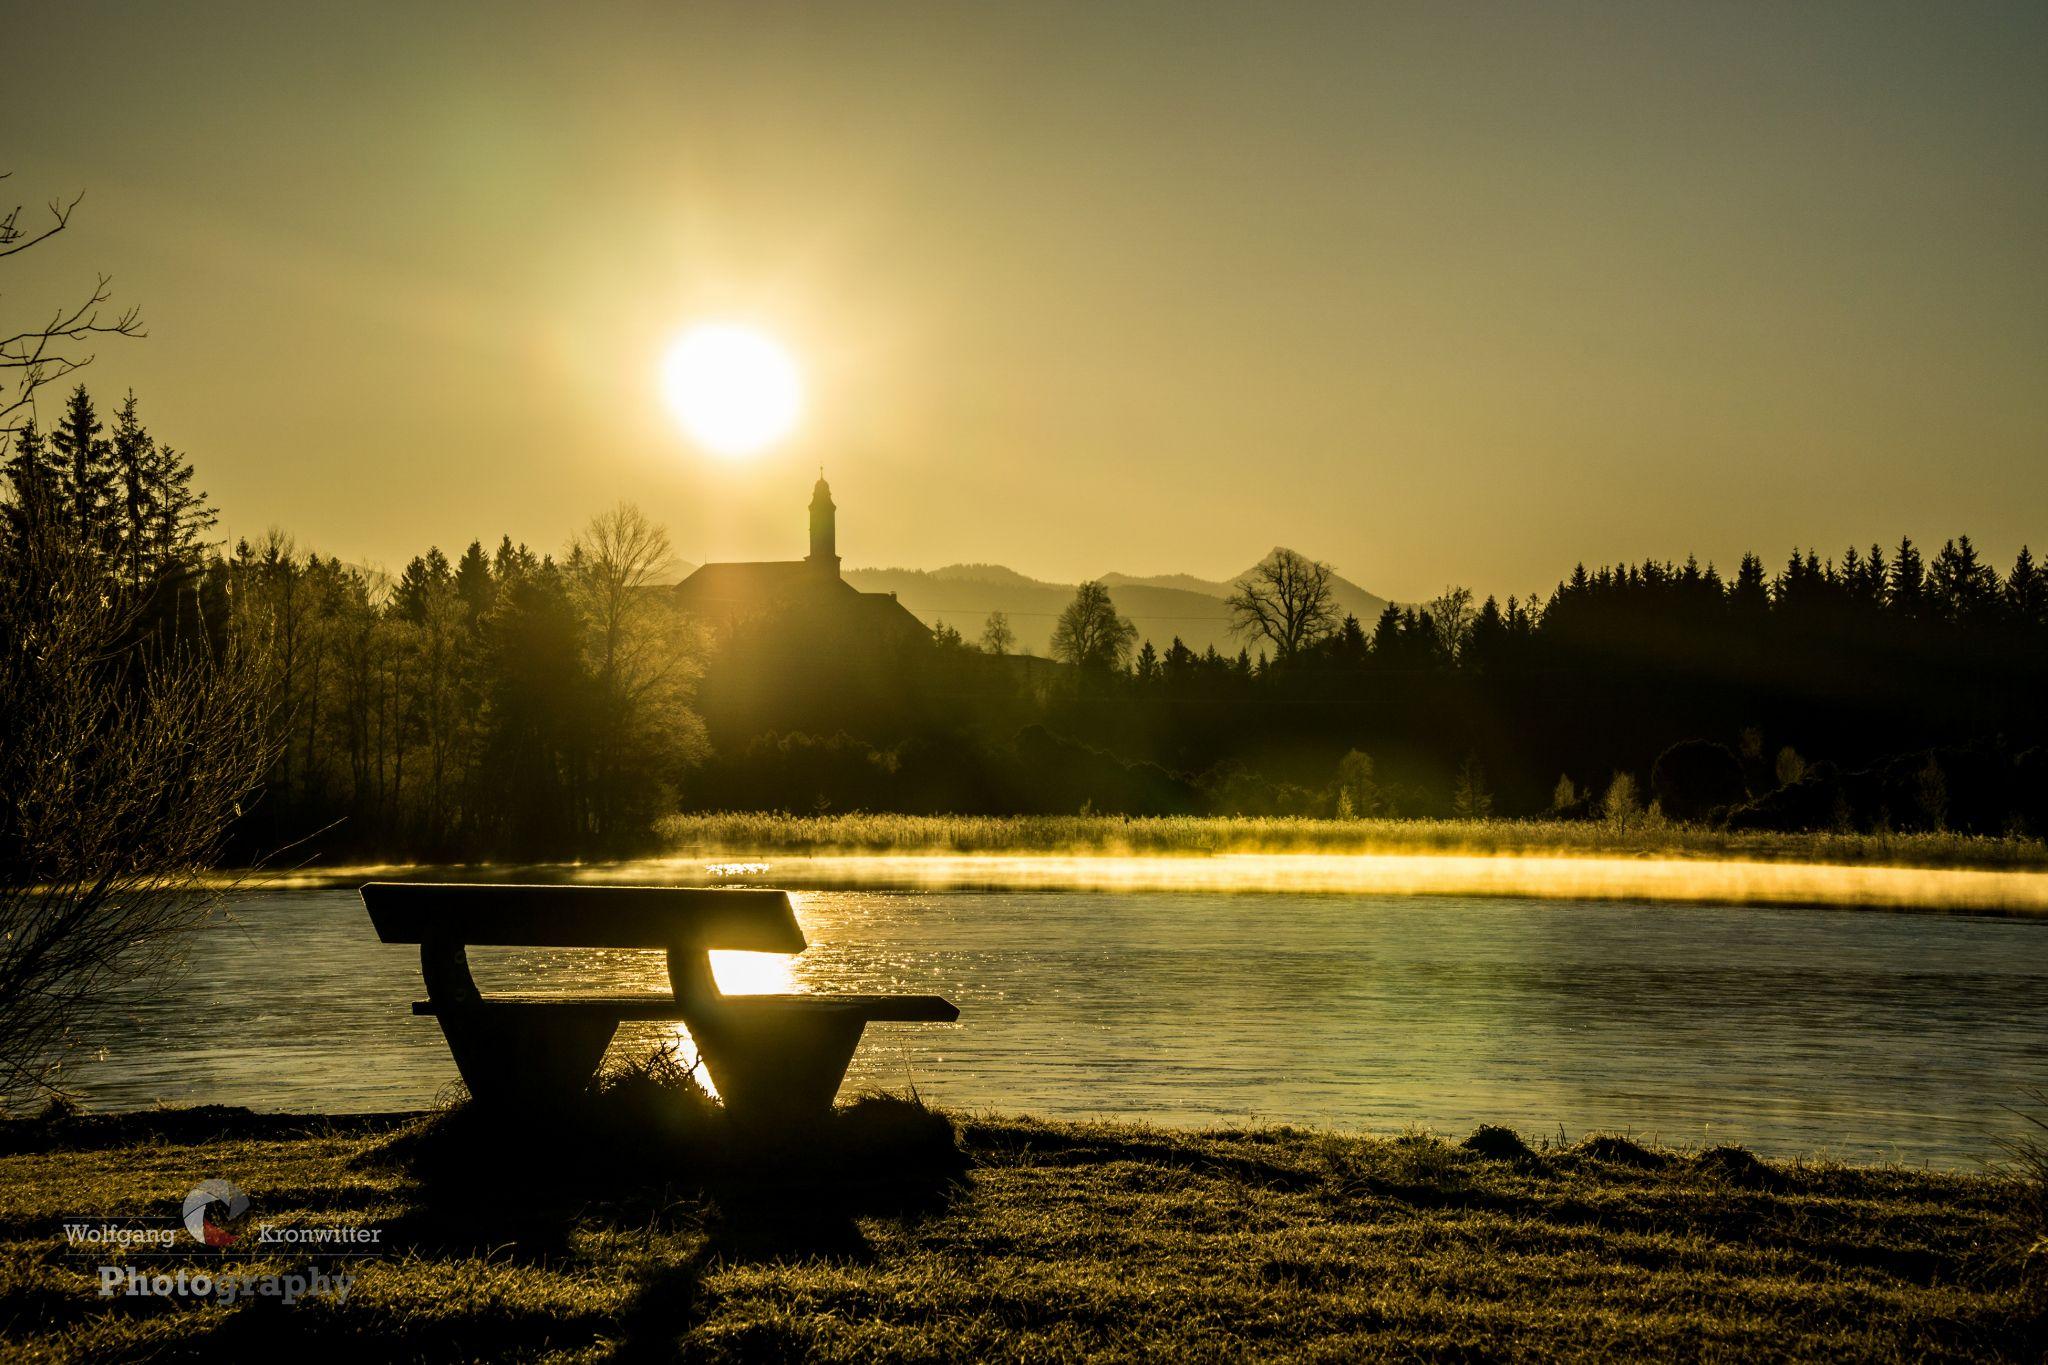 Kirchsee, Germany